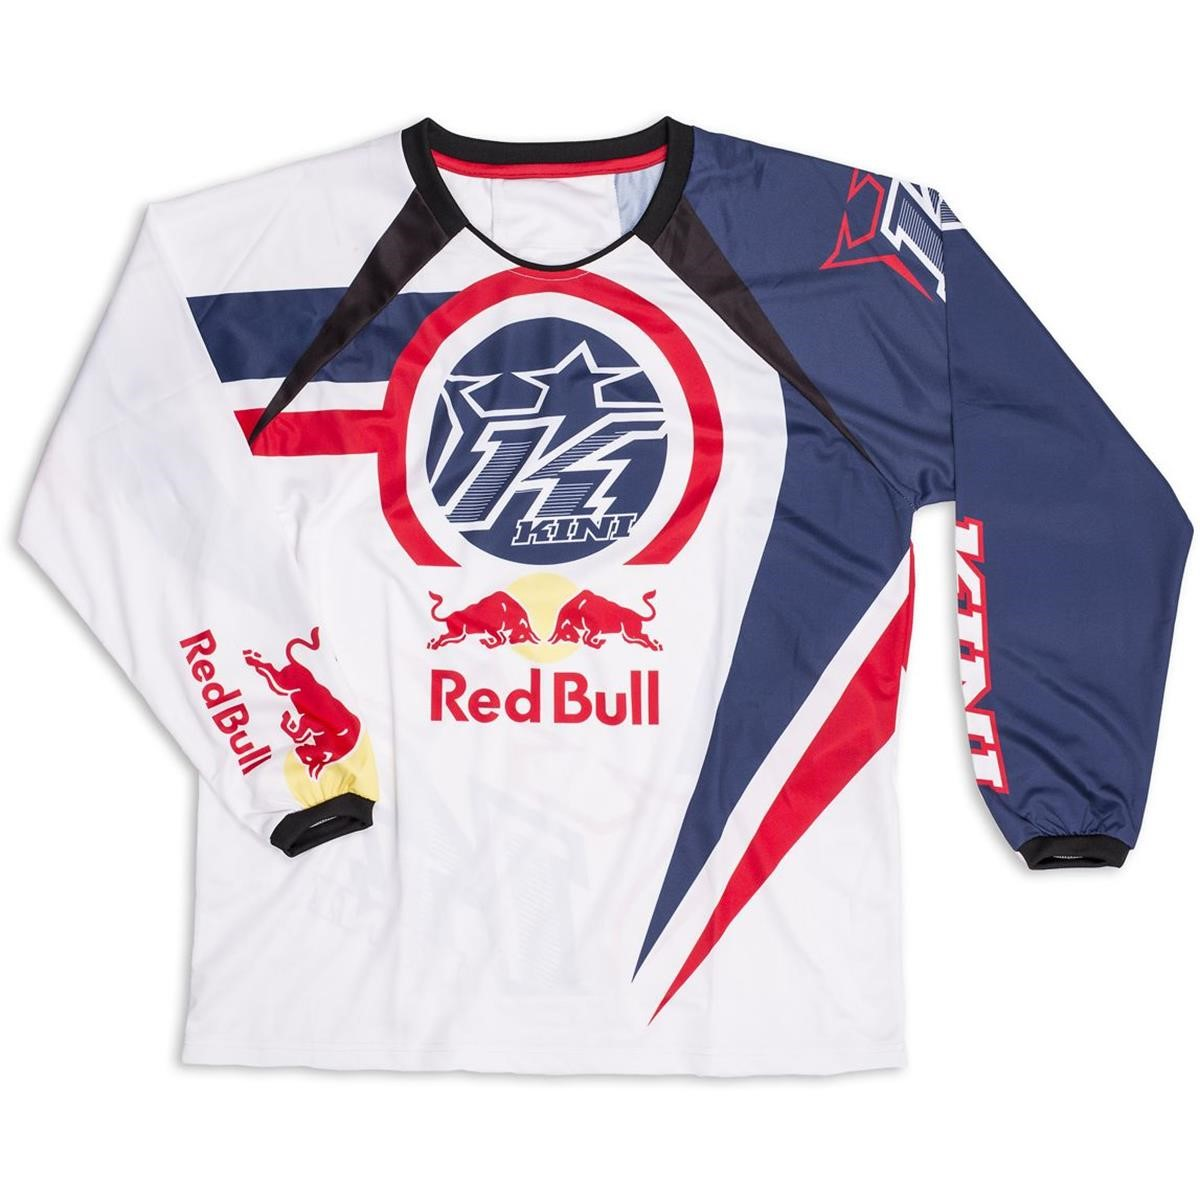 kini red bull jersey mx mtb motocross quad enduro shirt. Black Bedroom Furniture Sets. Home Design Ideas